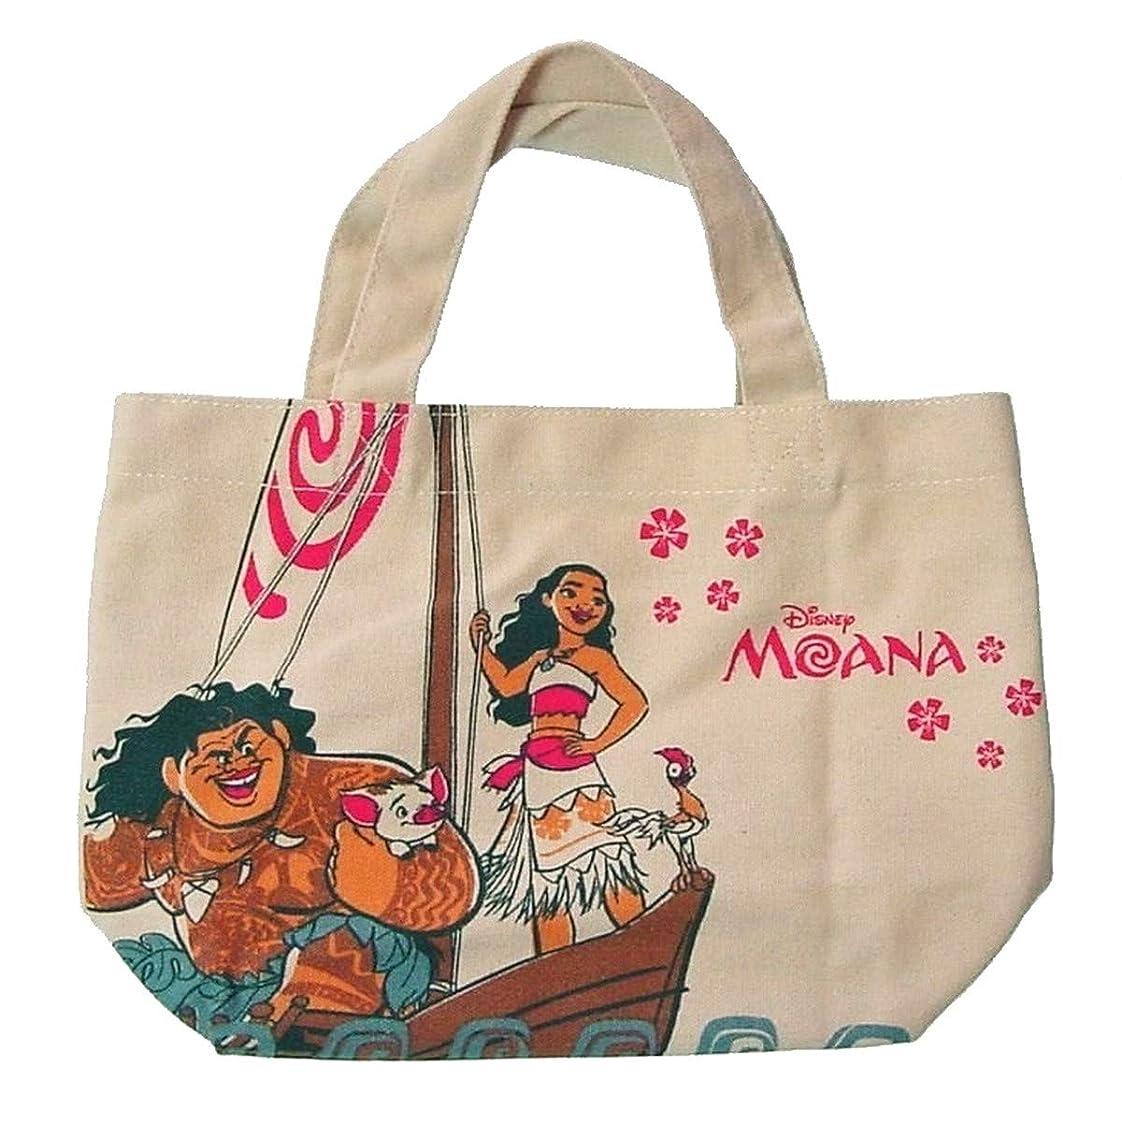 高音ボンドカルシウムDisney ディズニー - 帆布のミニトート バッグ #モアナと伝説の海〈マルチカラー〉